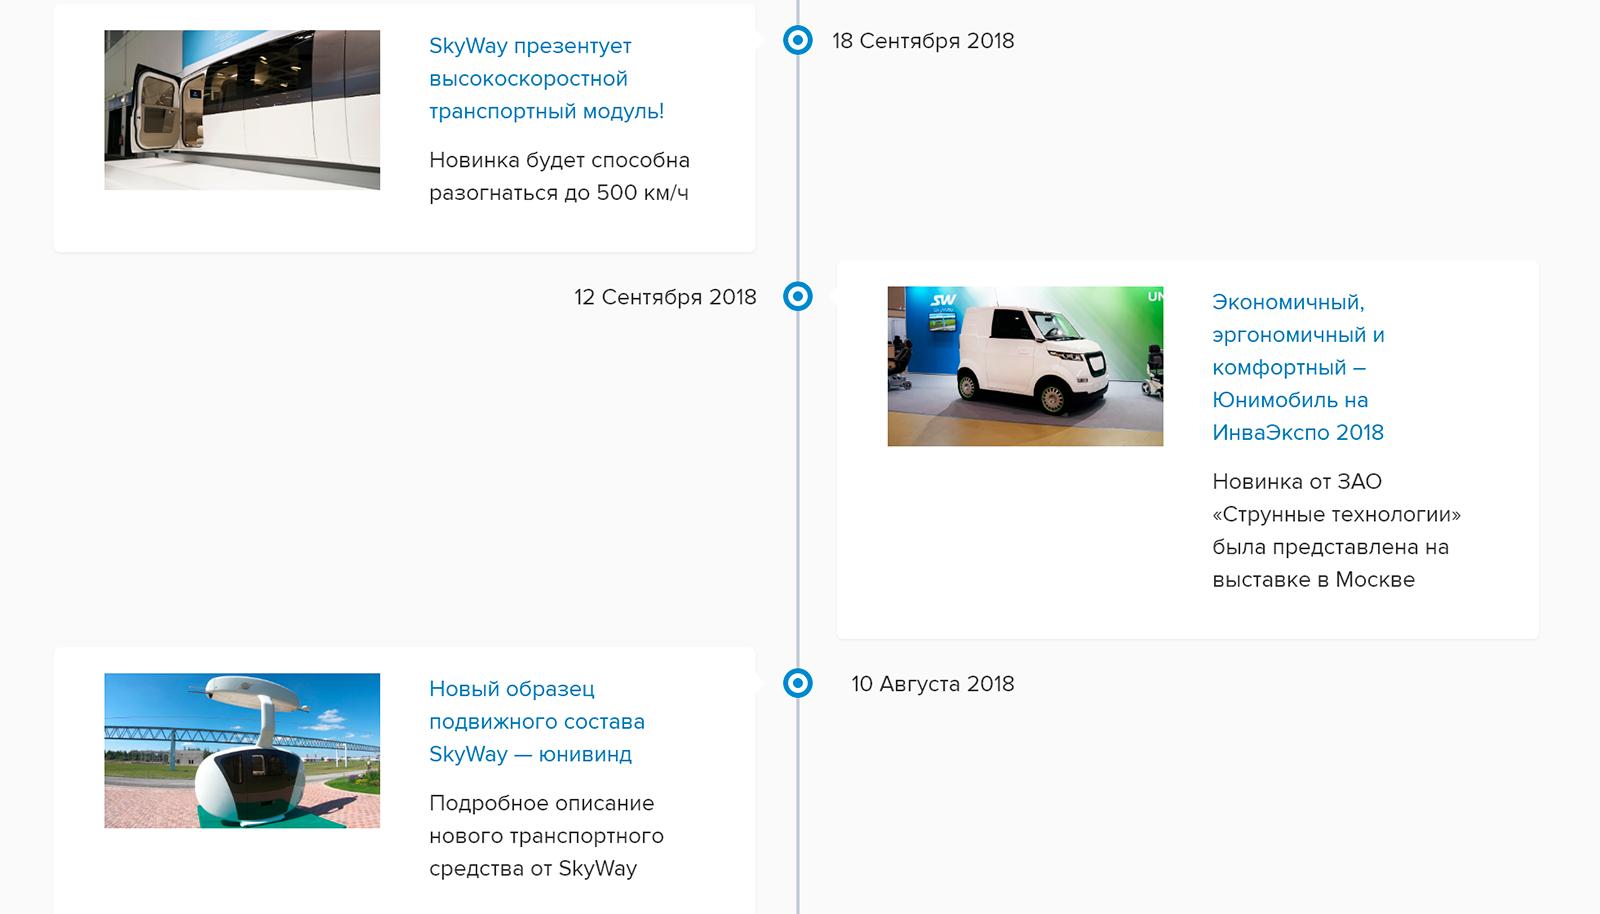 В разделе «О проекте» — таймлайн событий: на первый взгляд кажется, что проект живет и развивается. Но в таймлайне те же компьютерные изображения, а на фото с выставки — автомобиль. Здания, сертификаты и люди, которые пожимают друг другу руки, выглядят настоящими. Фотографии с самим транспортом — нет